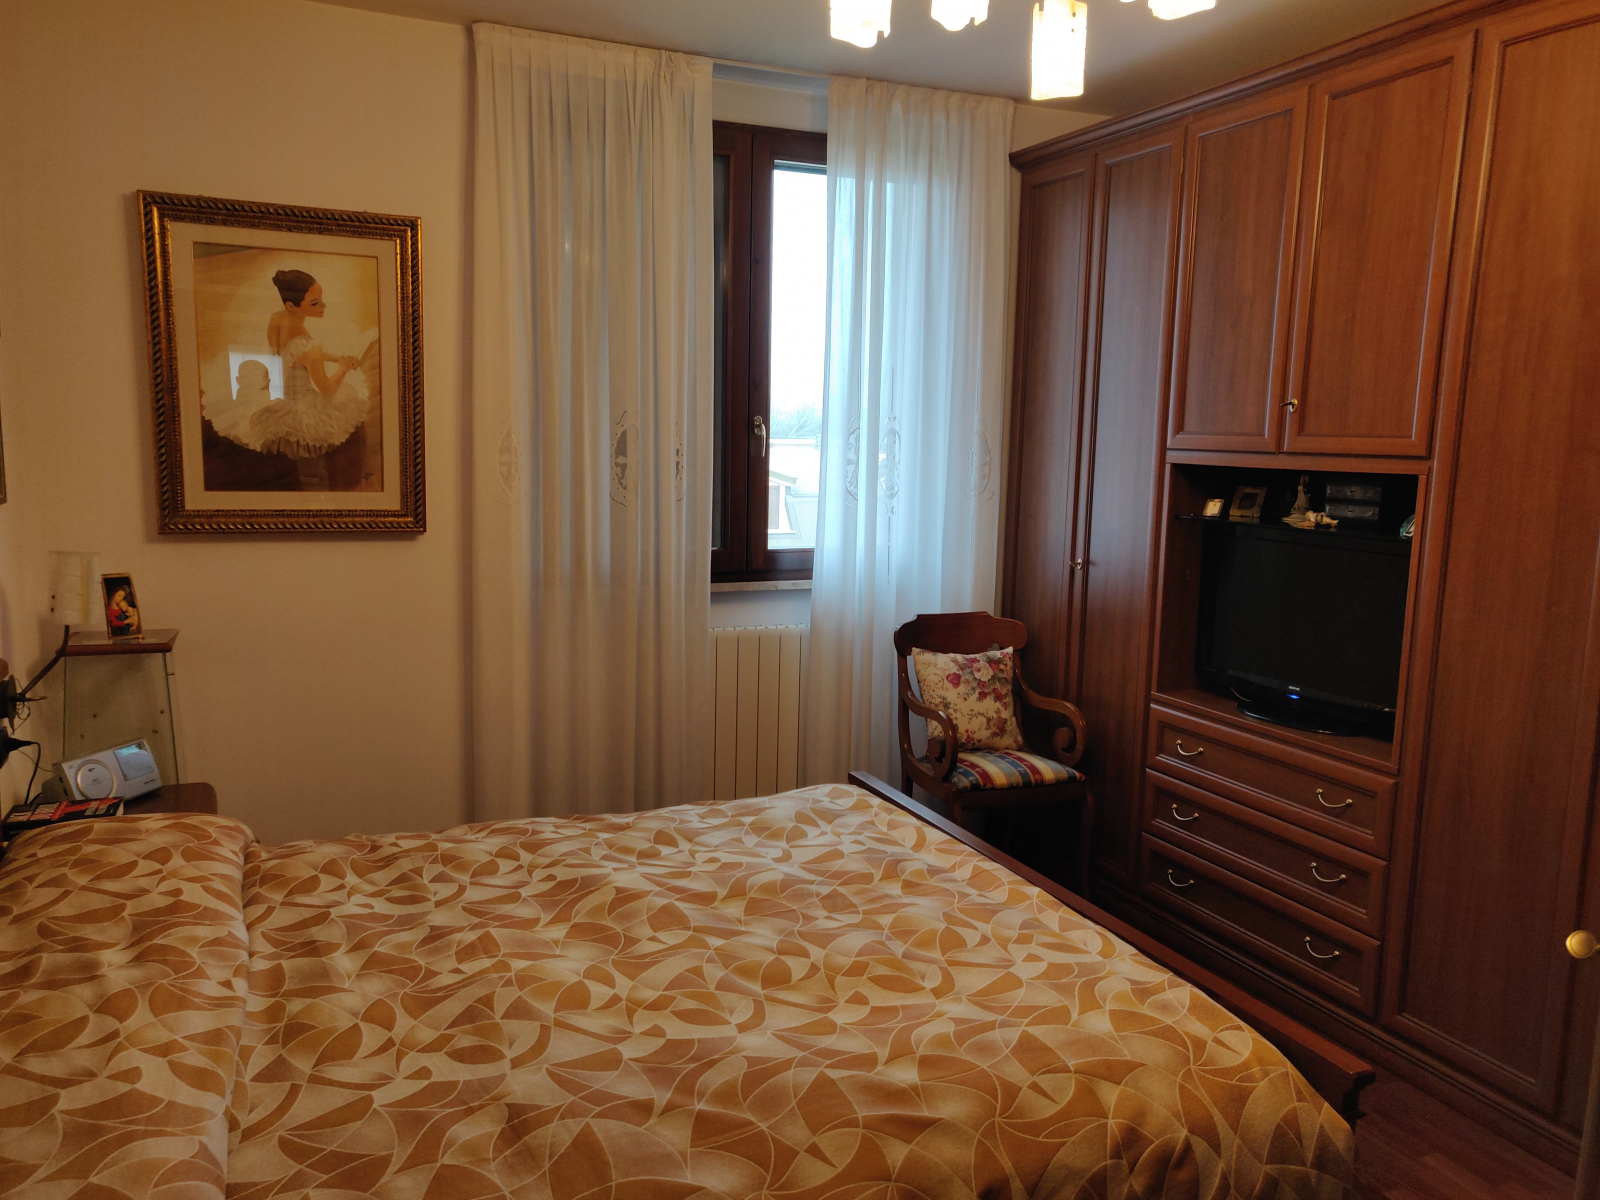 3-locali-trilocale-in-vendita-a-milano-rozzano-quinto-de-stampi-spaziourbano-immobiliare-vende-10